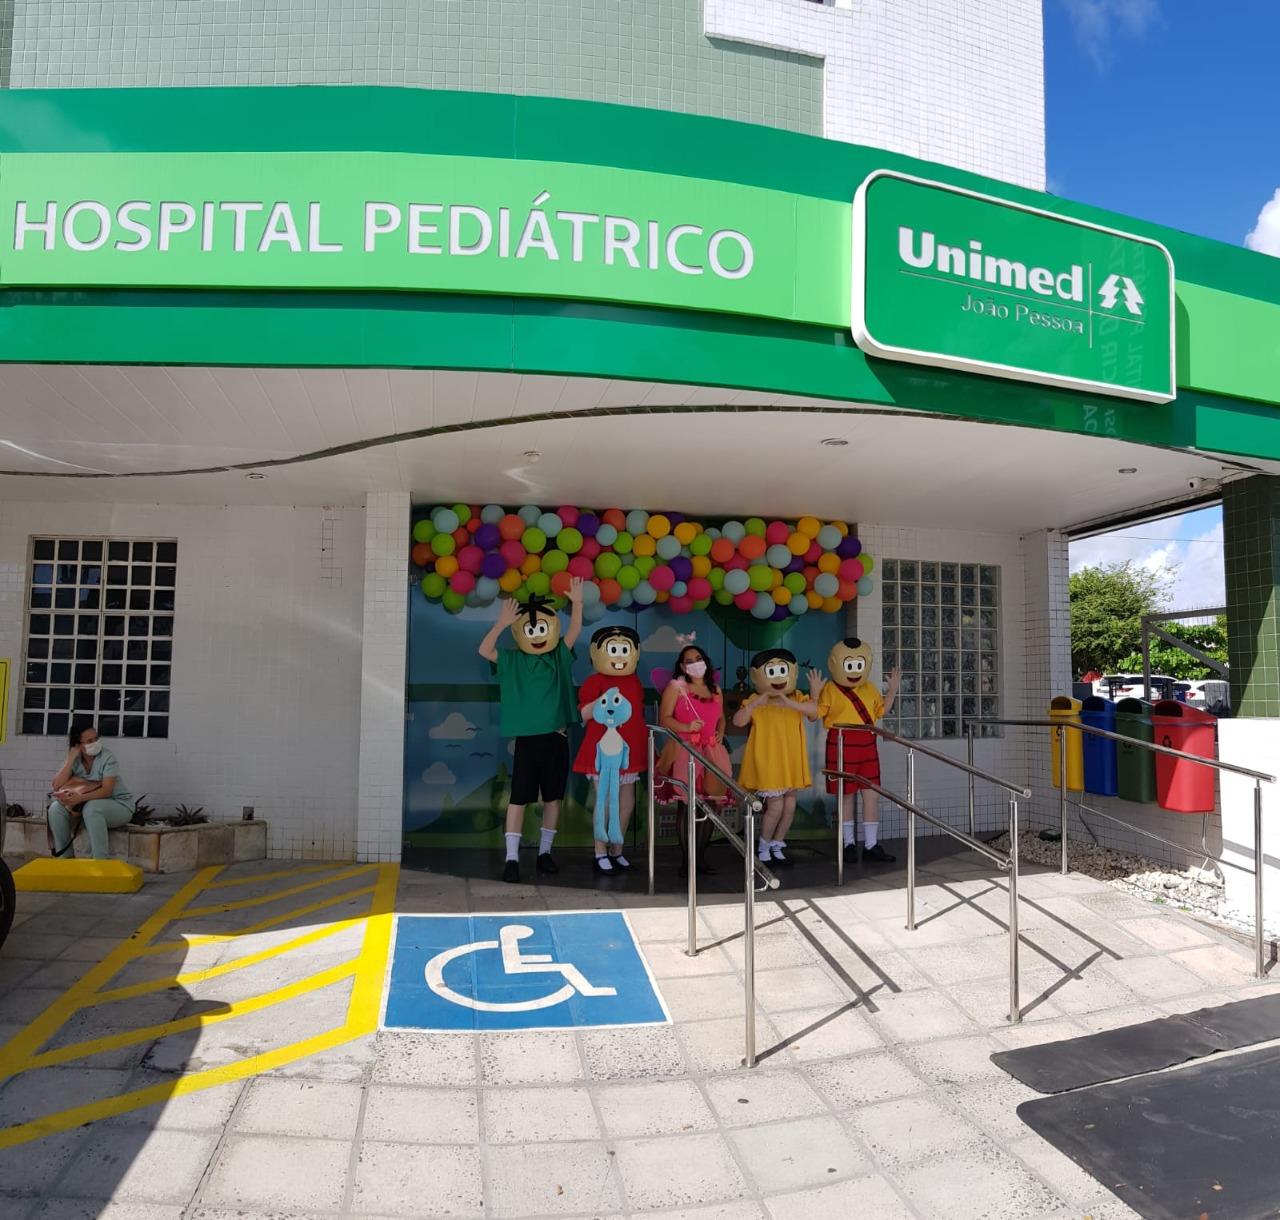 Hospital pediátrico da Unimed João Pessoa faz surpresa aos pacientes no Dia das Crianças